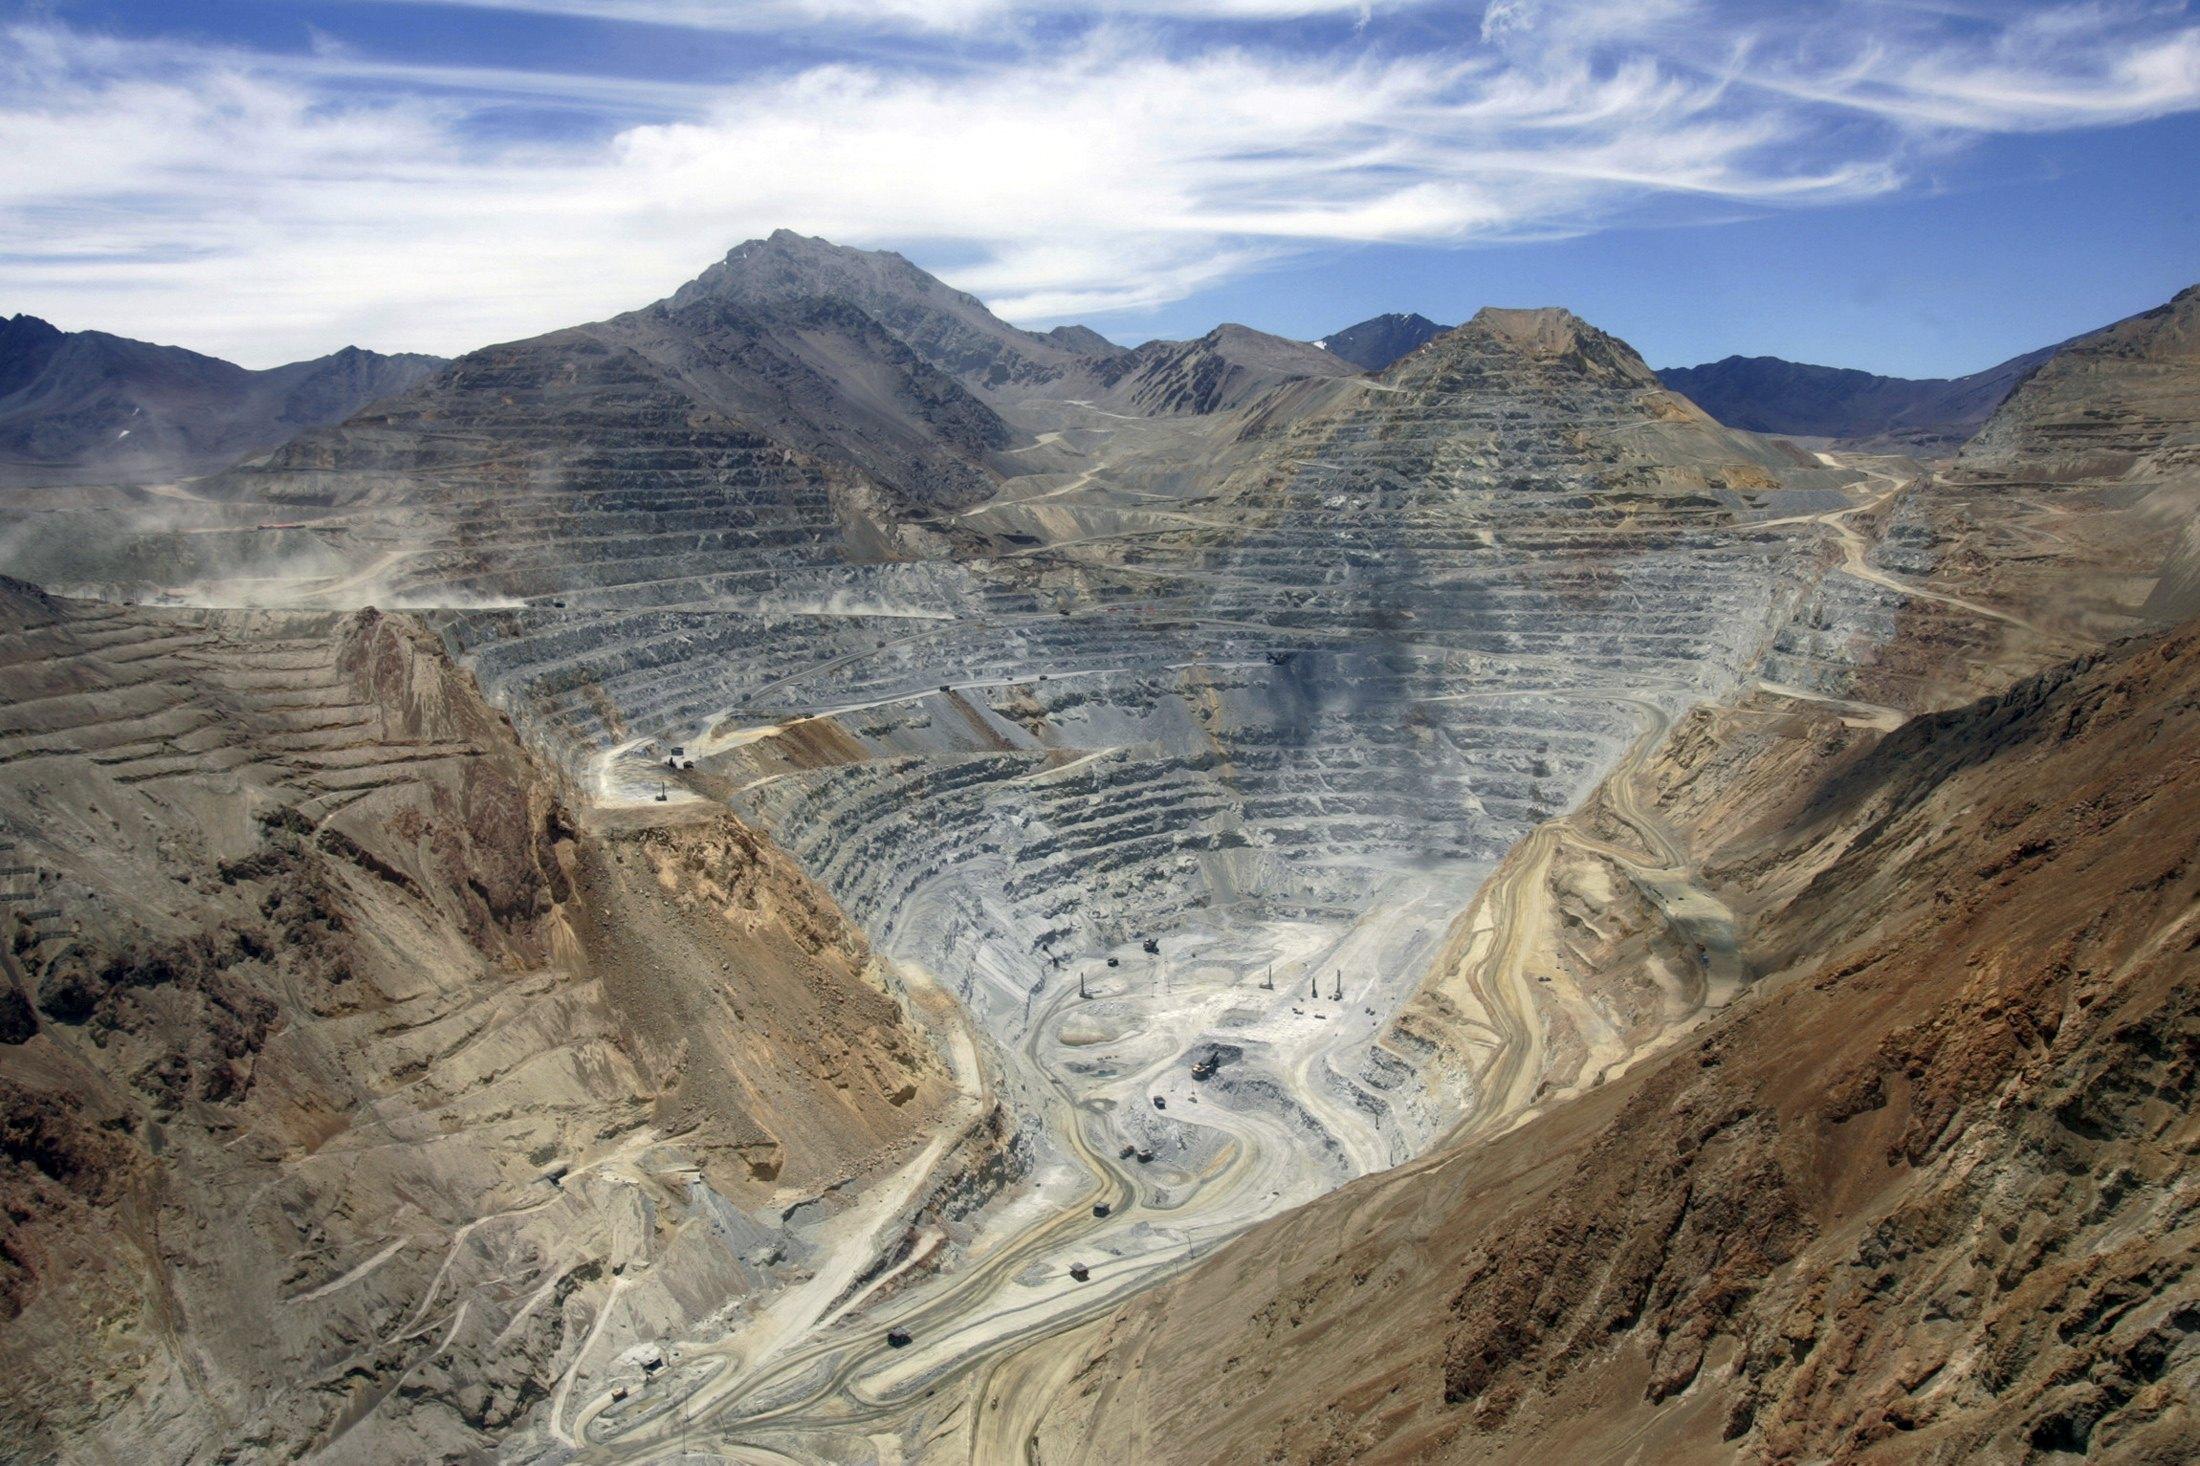 Superintendencia del Medio Ambiente formuló cargos contra minera de Luksic